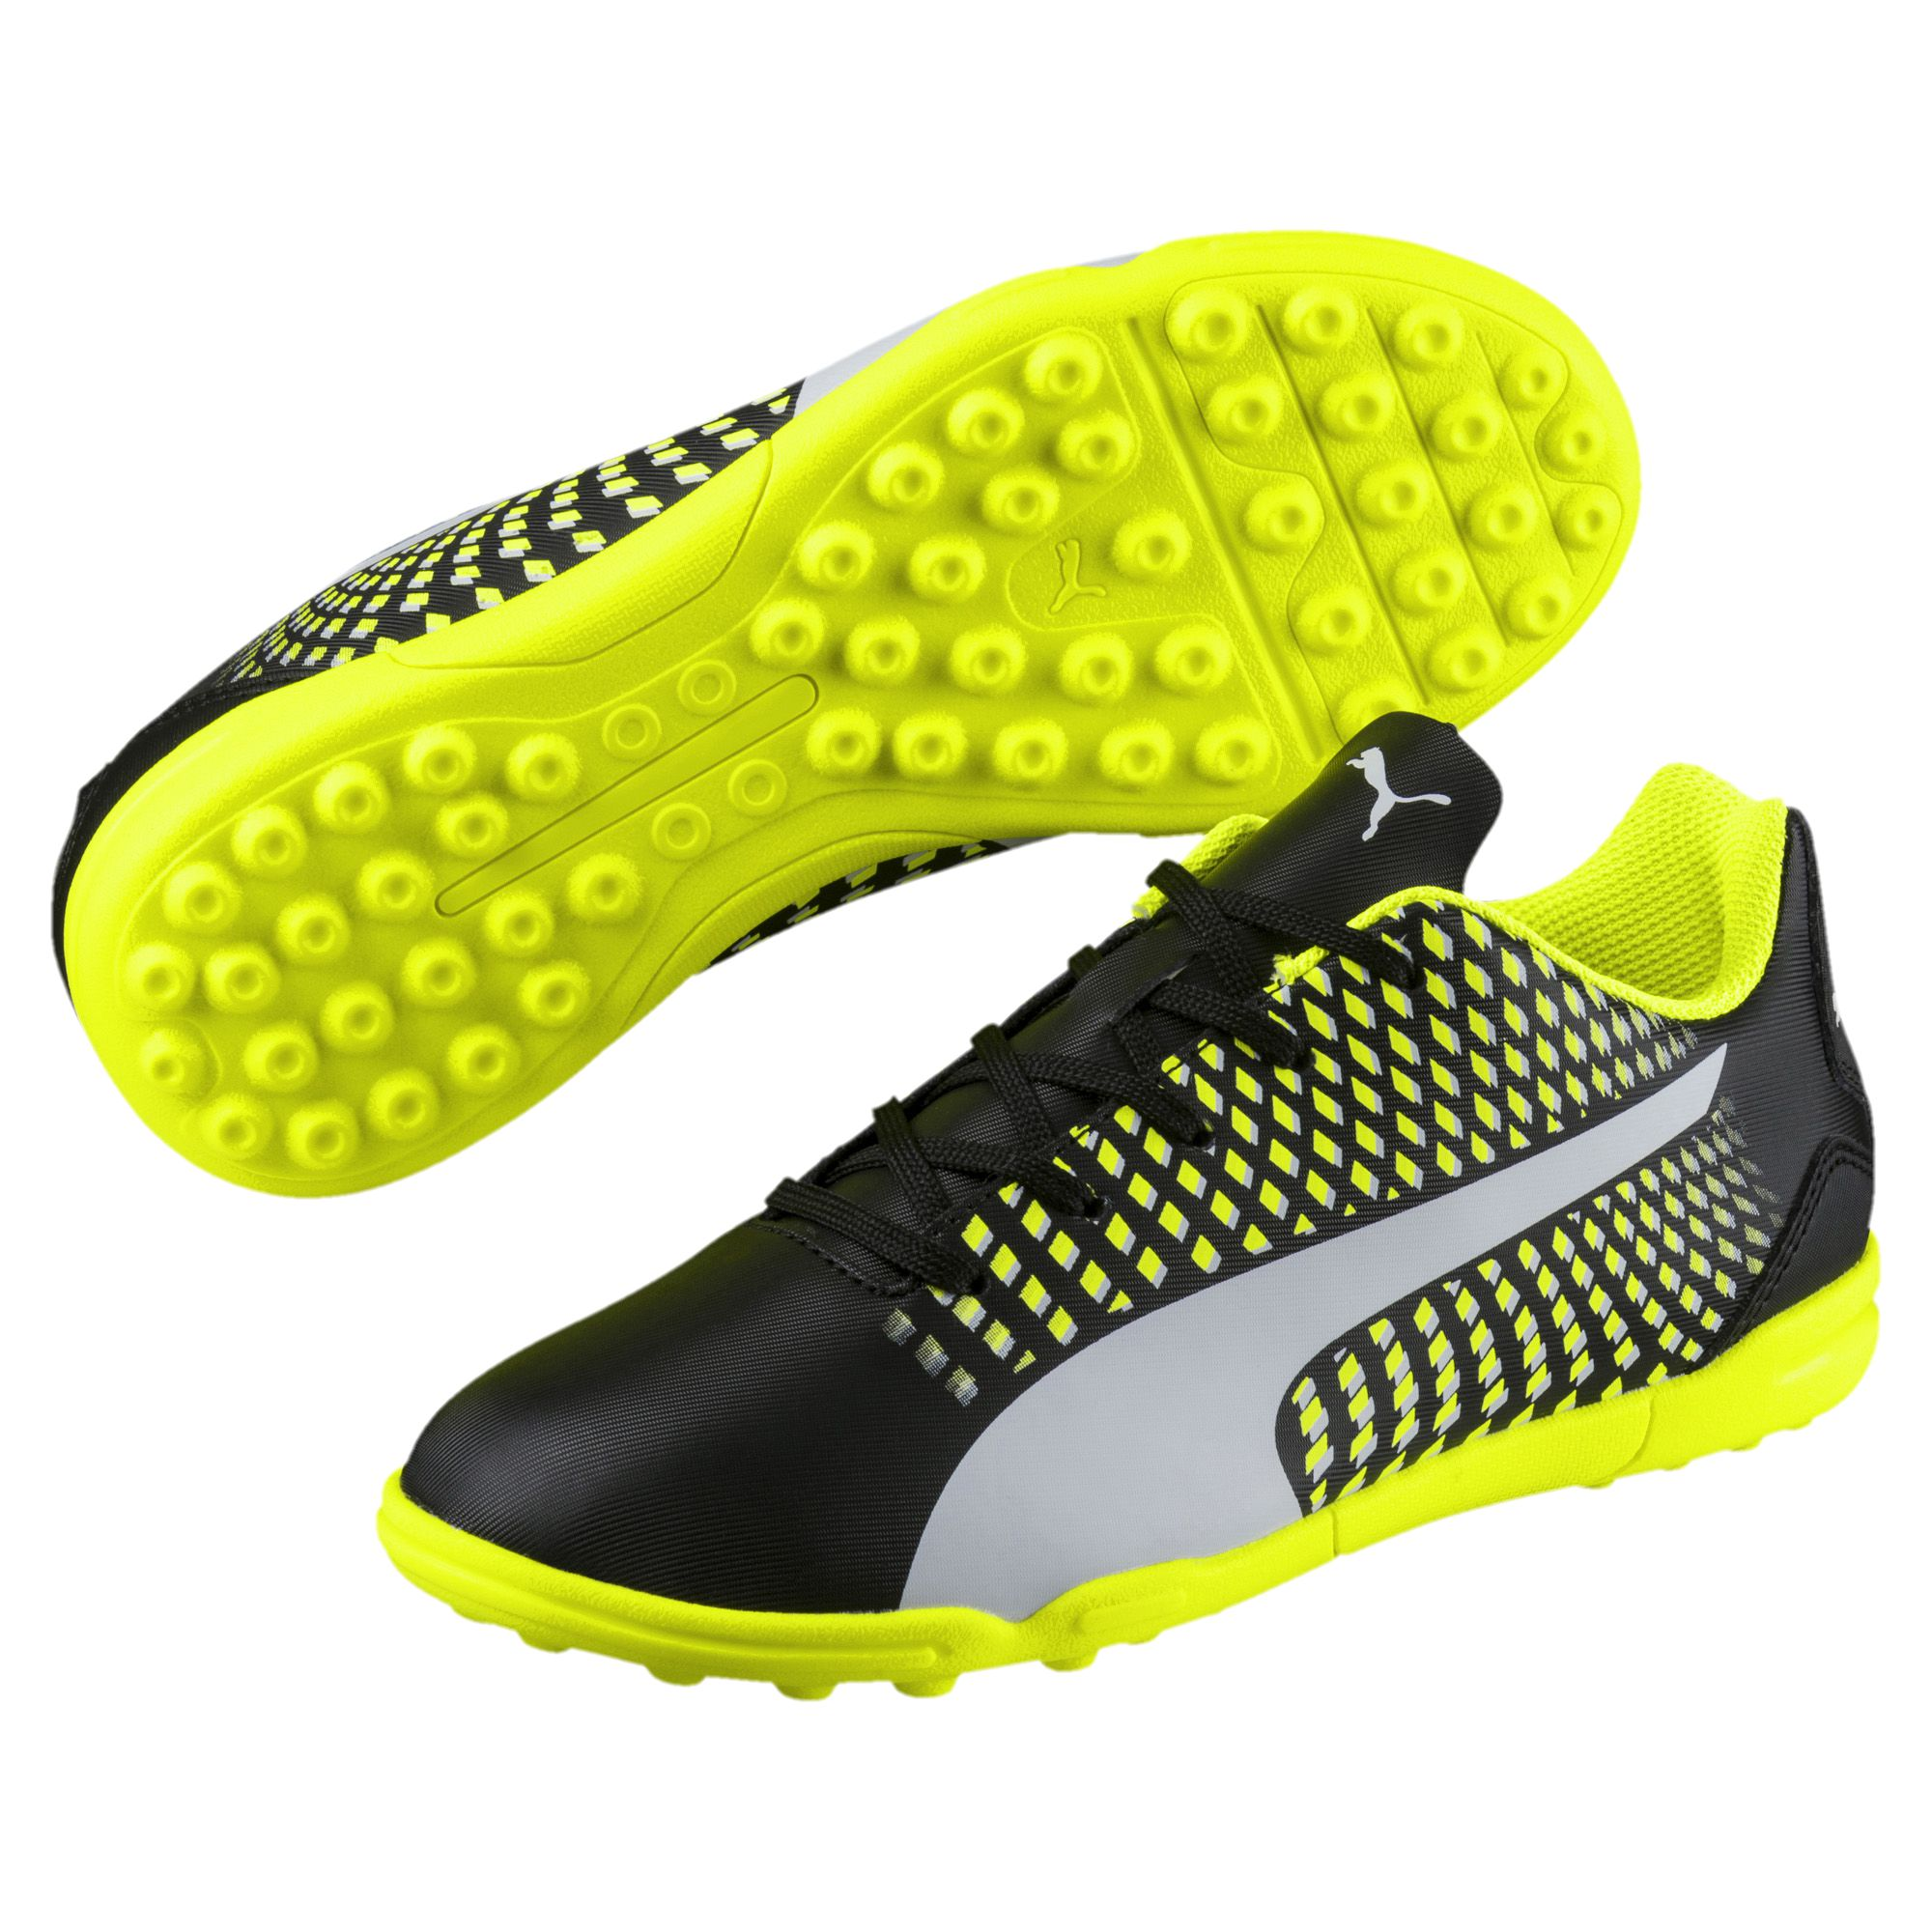 Детская универсальная обувь 40 шипов Puma Adreno III